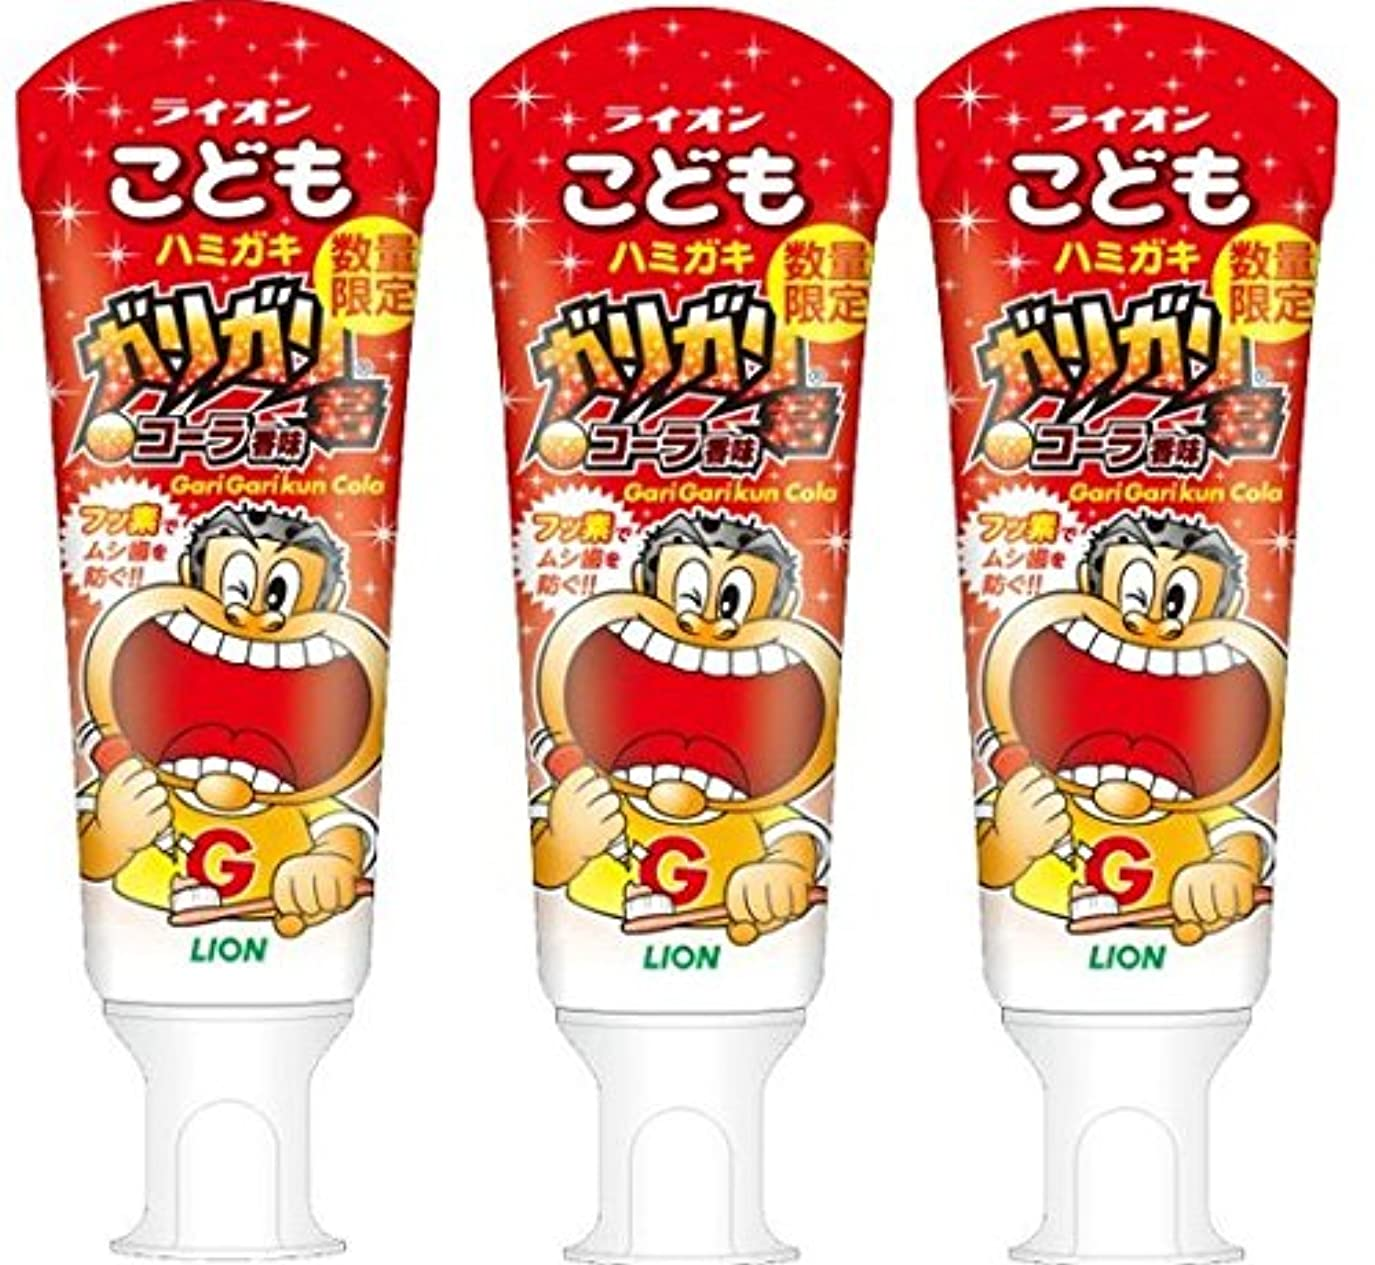 【お買い得セット】 こどもハミガキ ガリガリ君 コーラ香味 3本